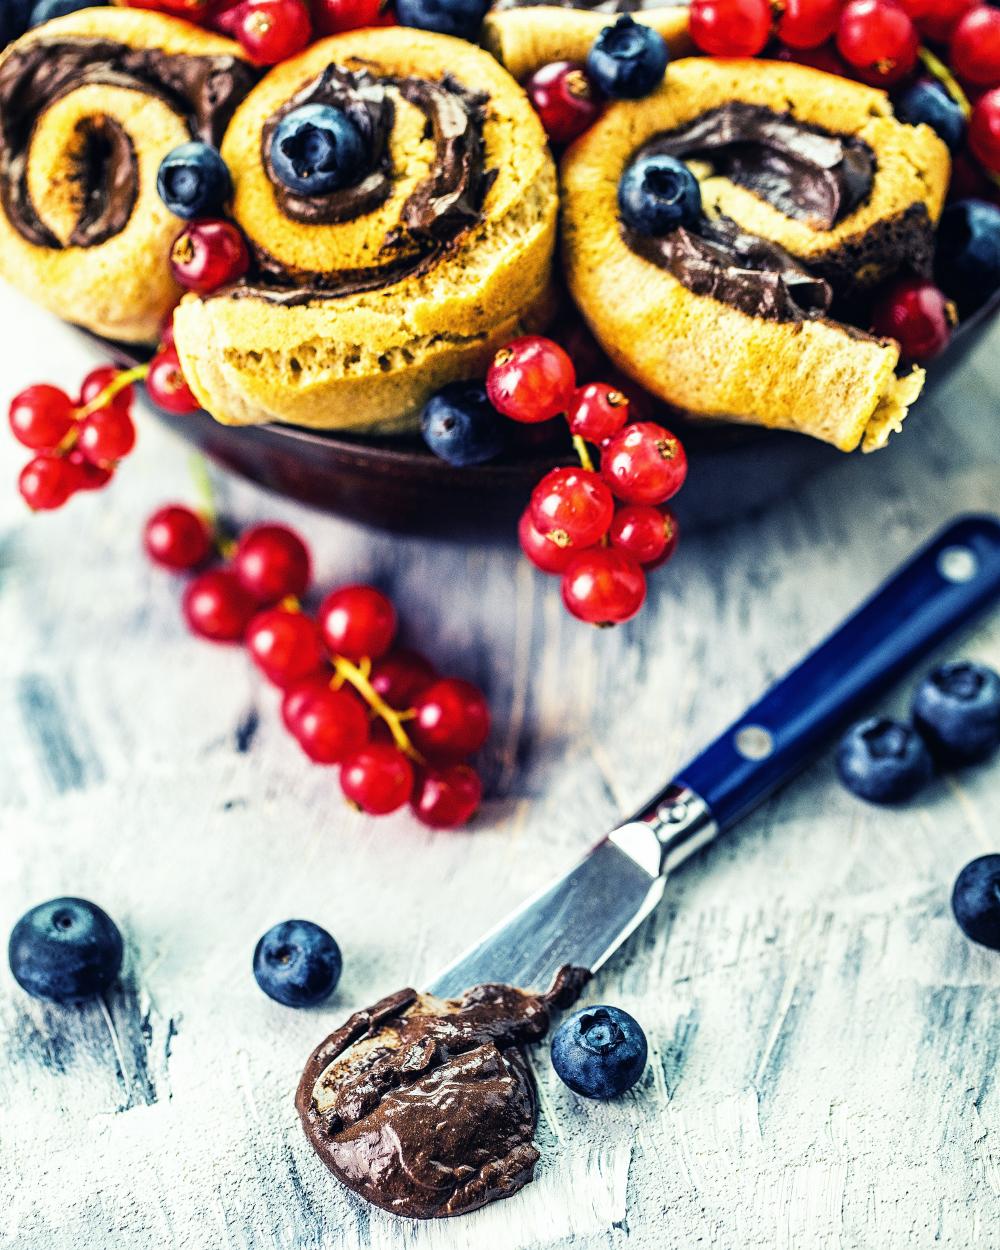 Frühstücks-Schokocreme (1 Punkt)